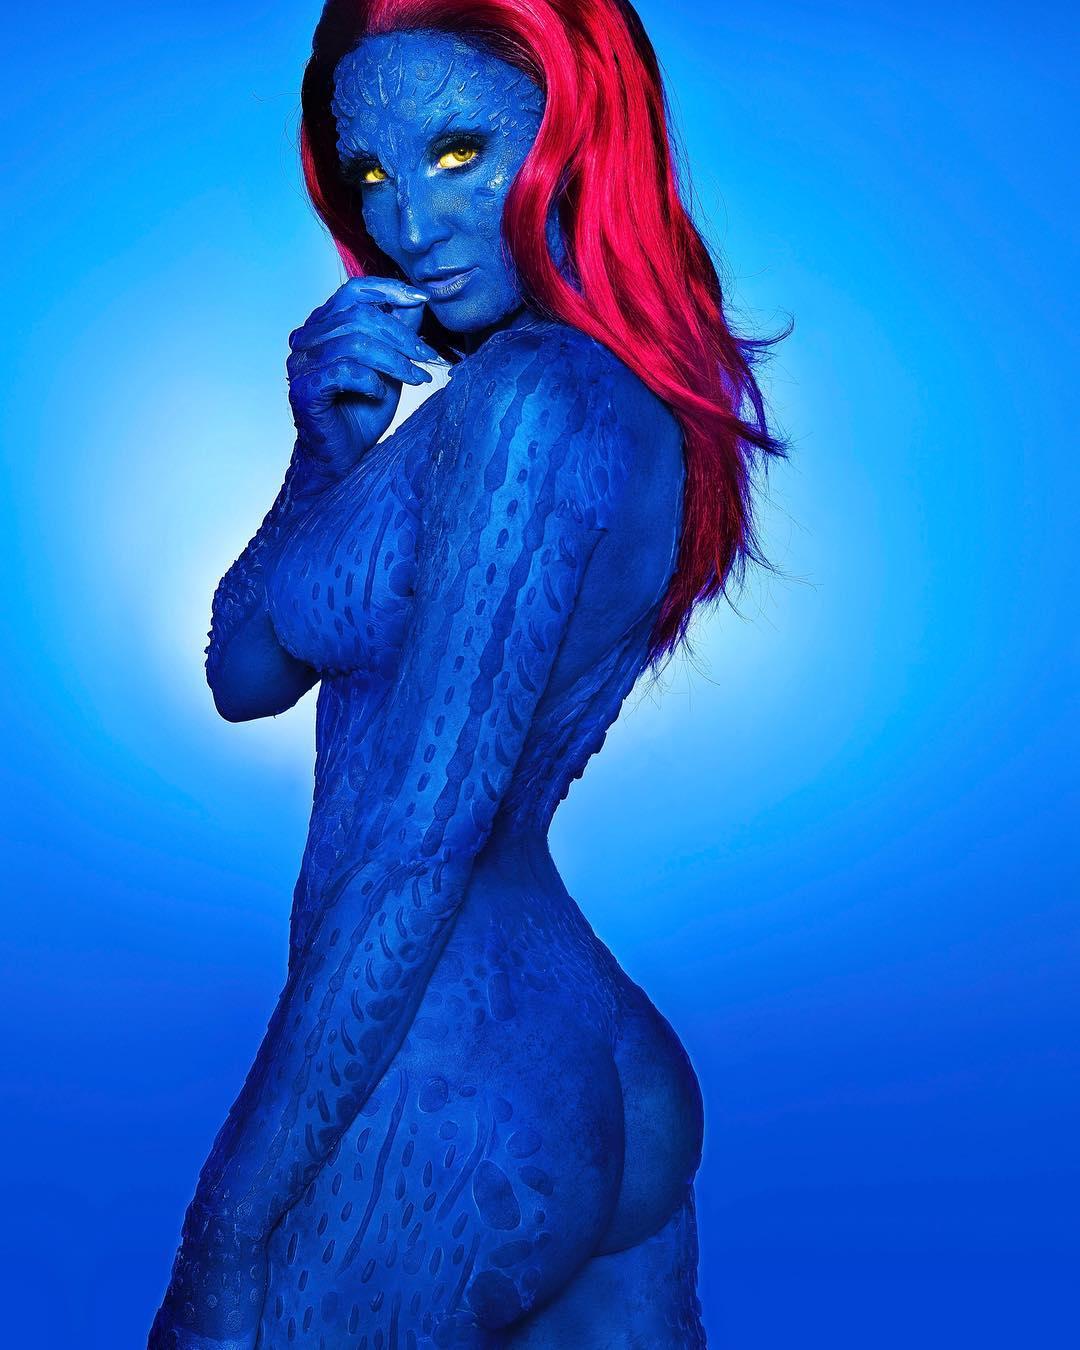 mystique-x-men-sexy-hot-pussy-pics